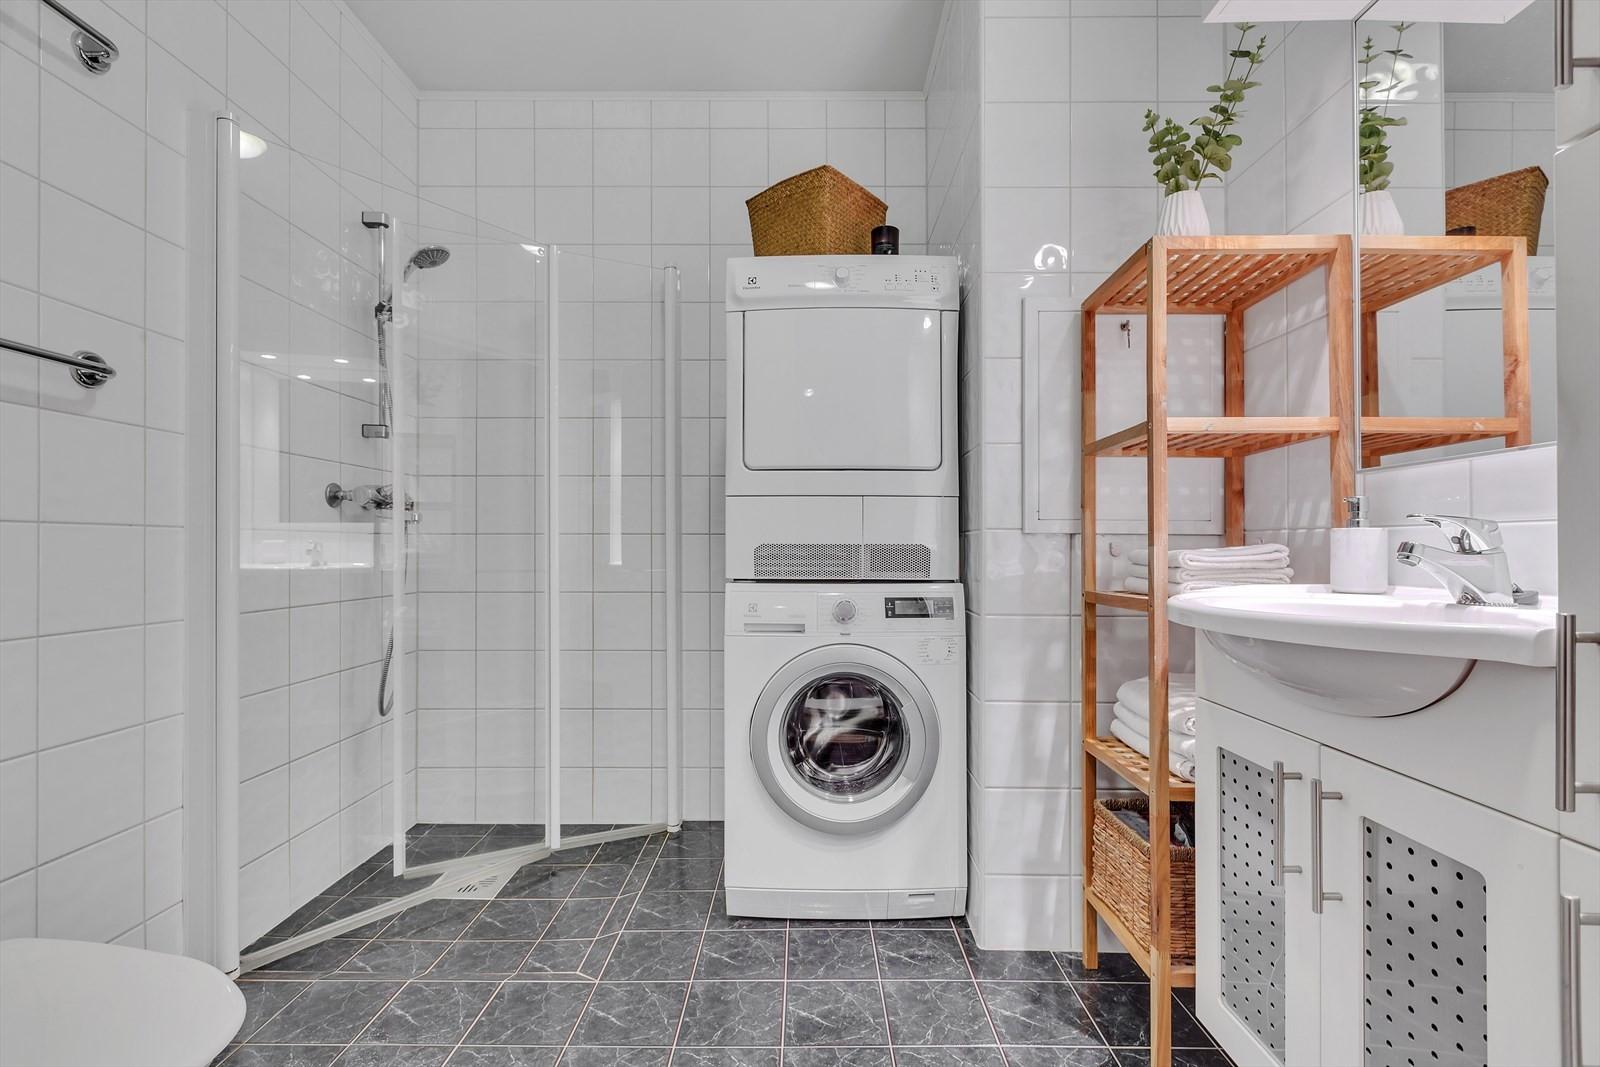 Flislagt bad med dusjhjørne, wc, opplegg til vaskemaskin/tørketrommel og servant med under og sideskap.